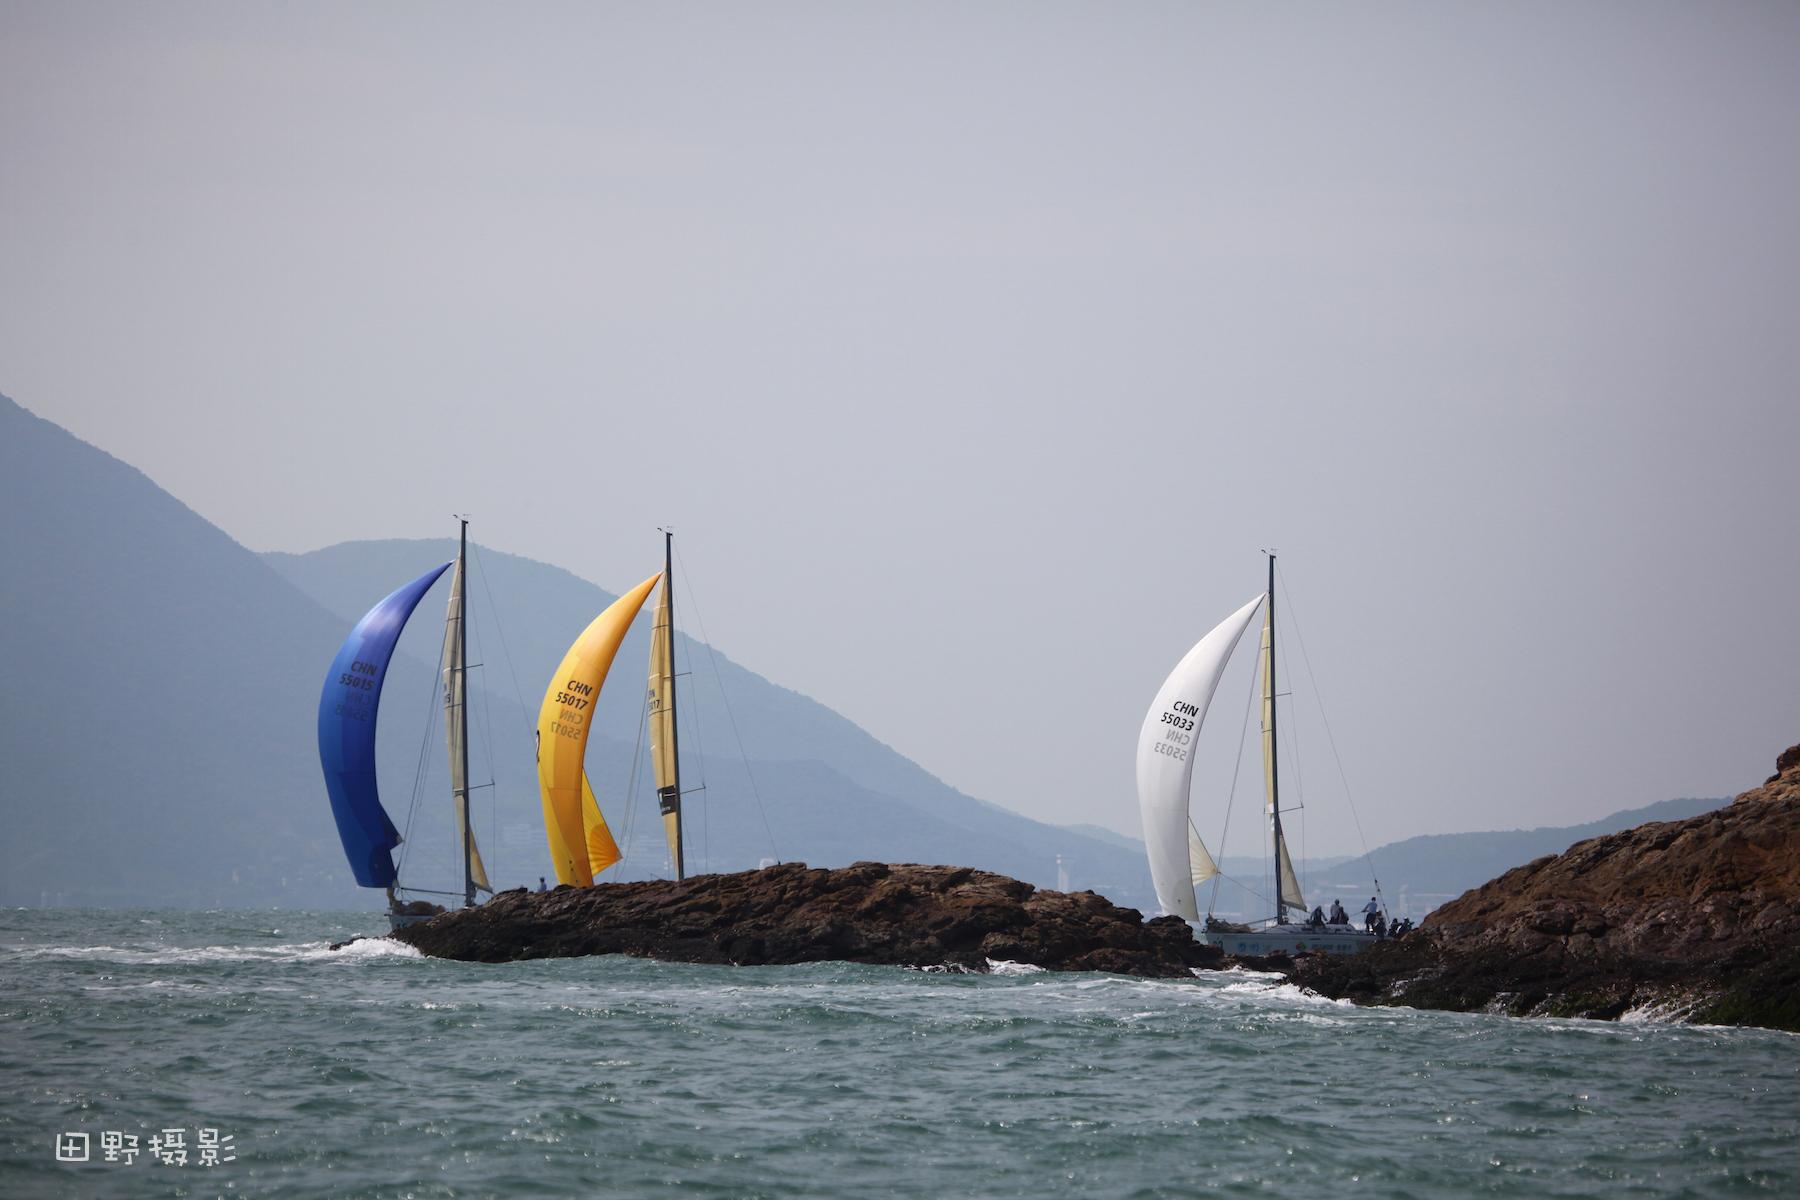 中国 第九届中国杯帆船赛精彩瞬间      摄影田野 第九届中杯帆船赛